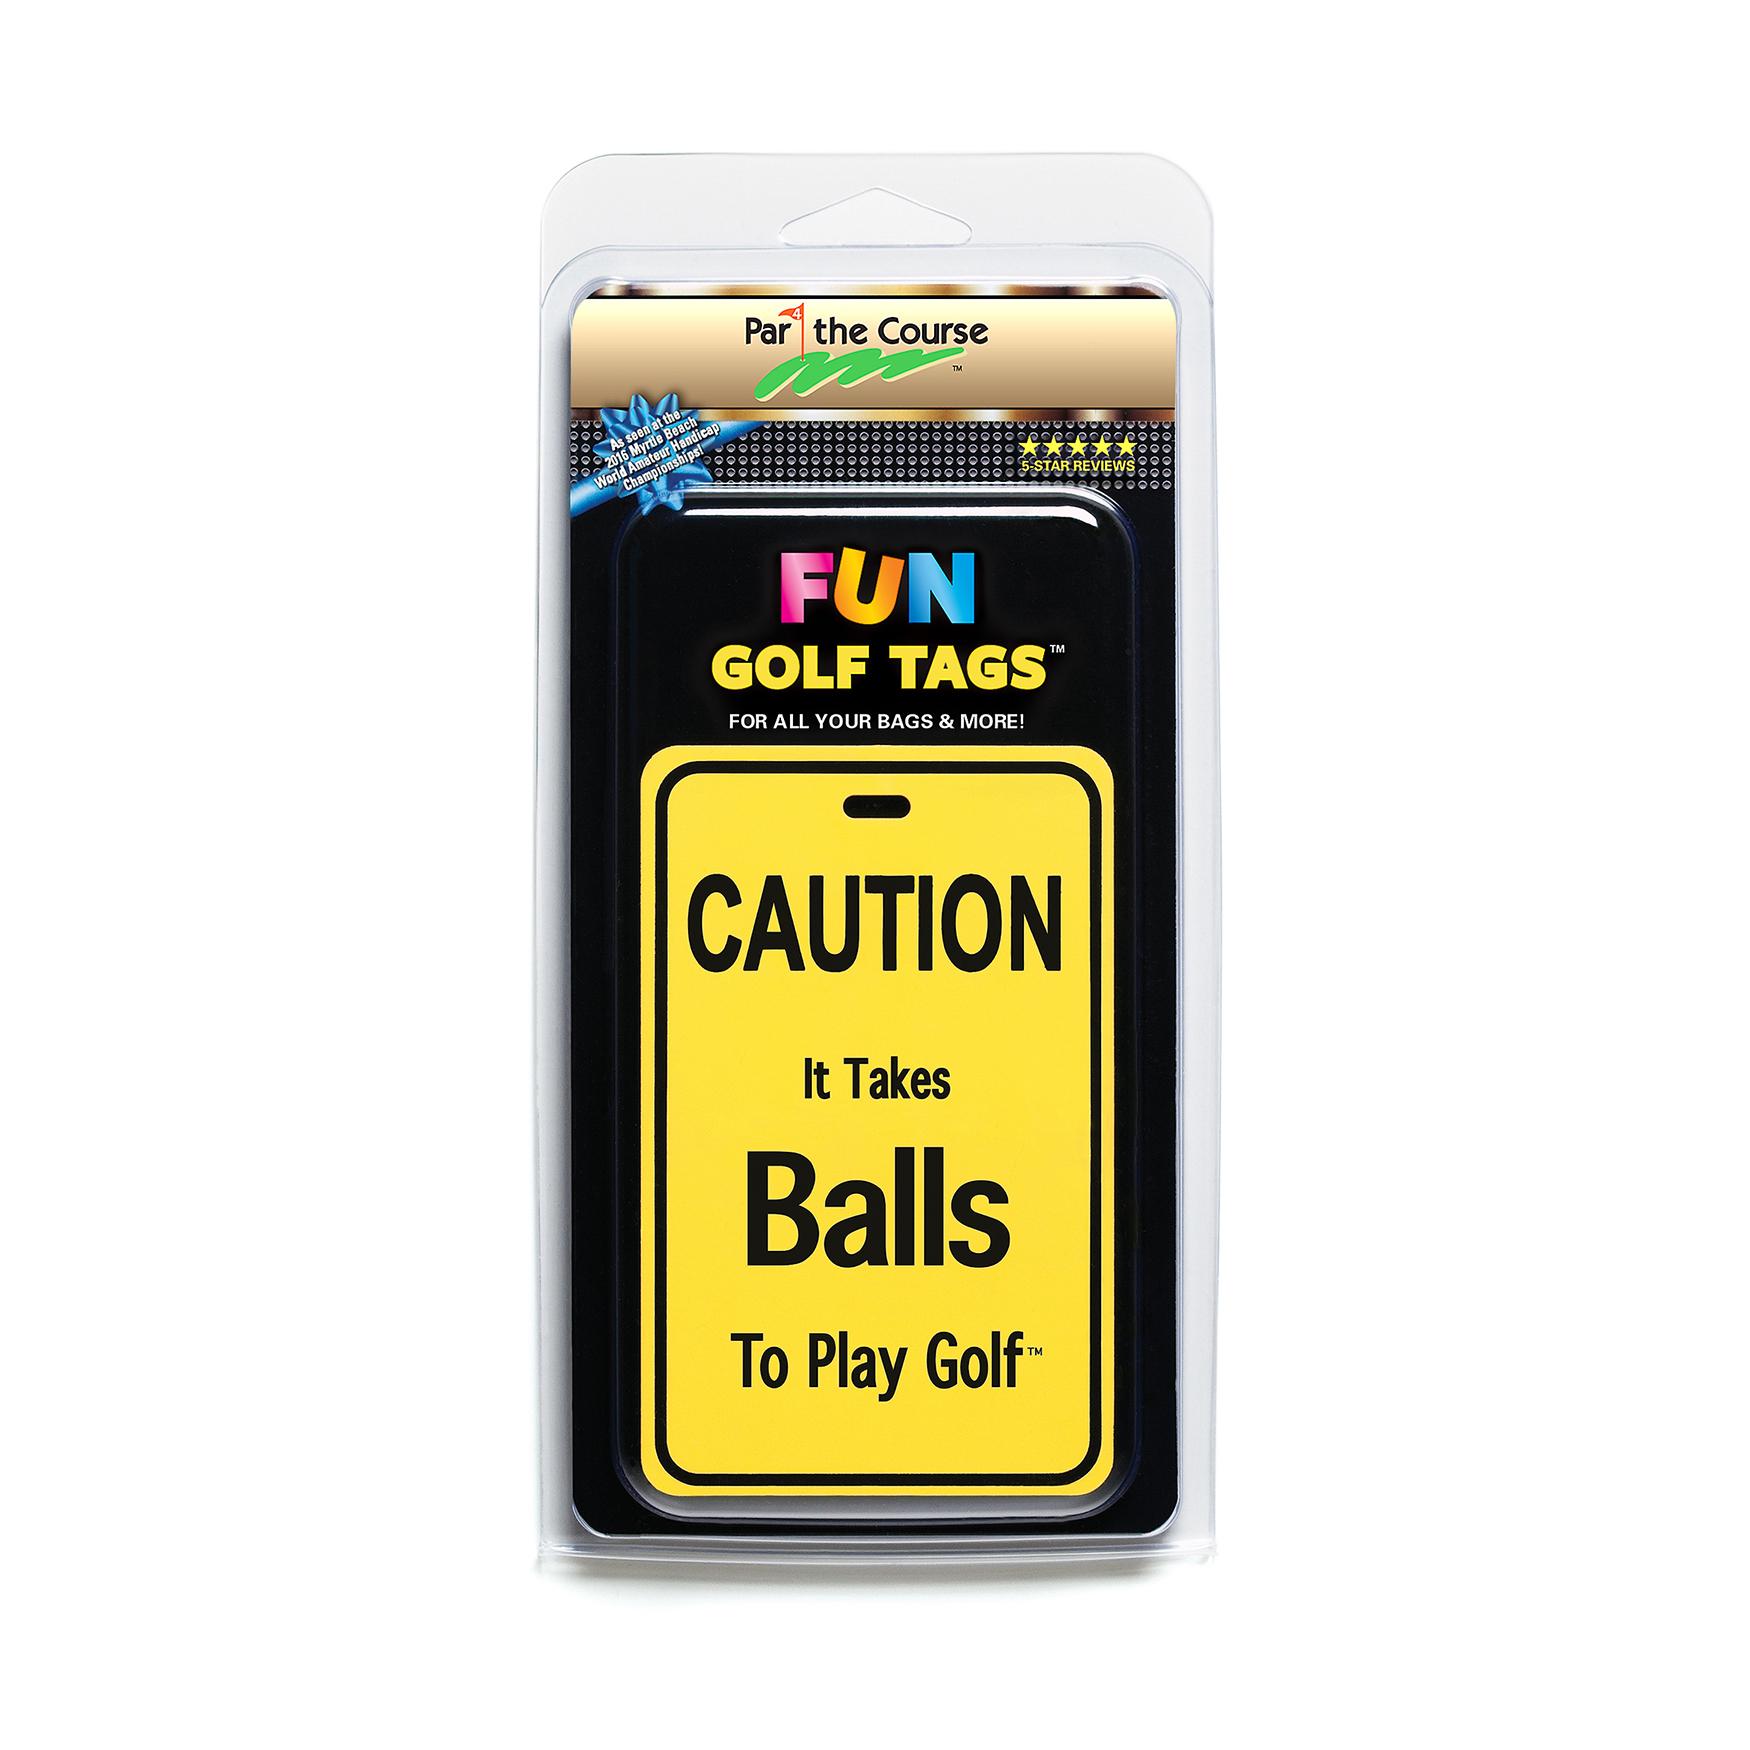 Fun Golf Tags